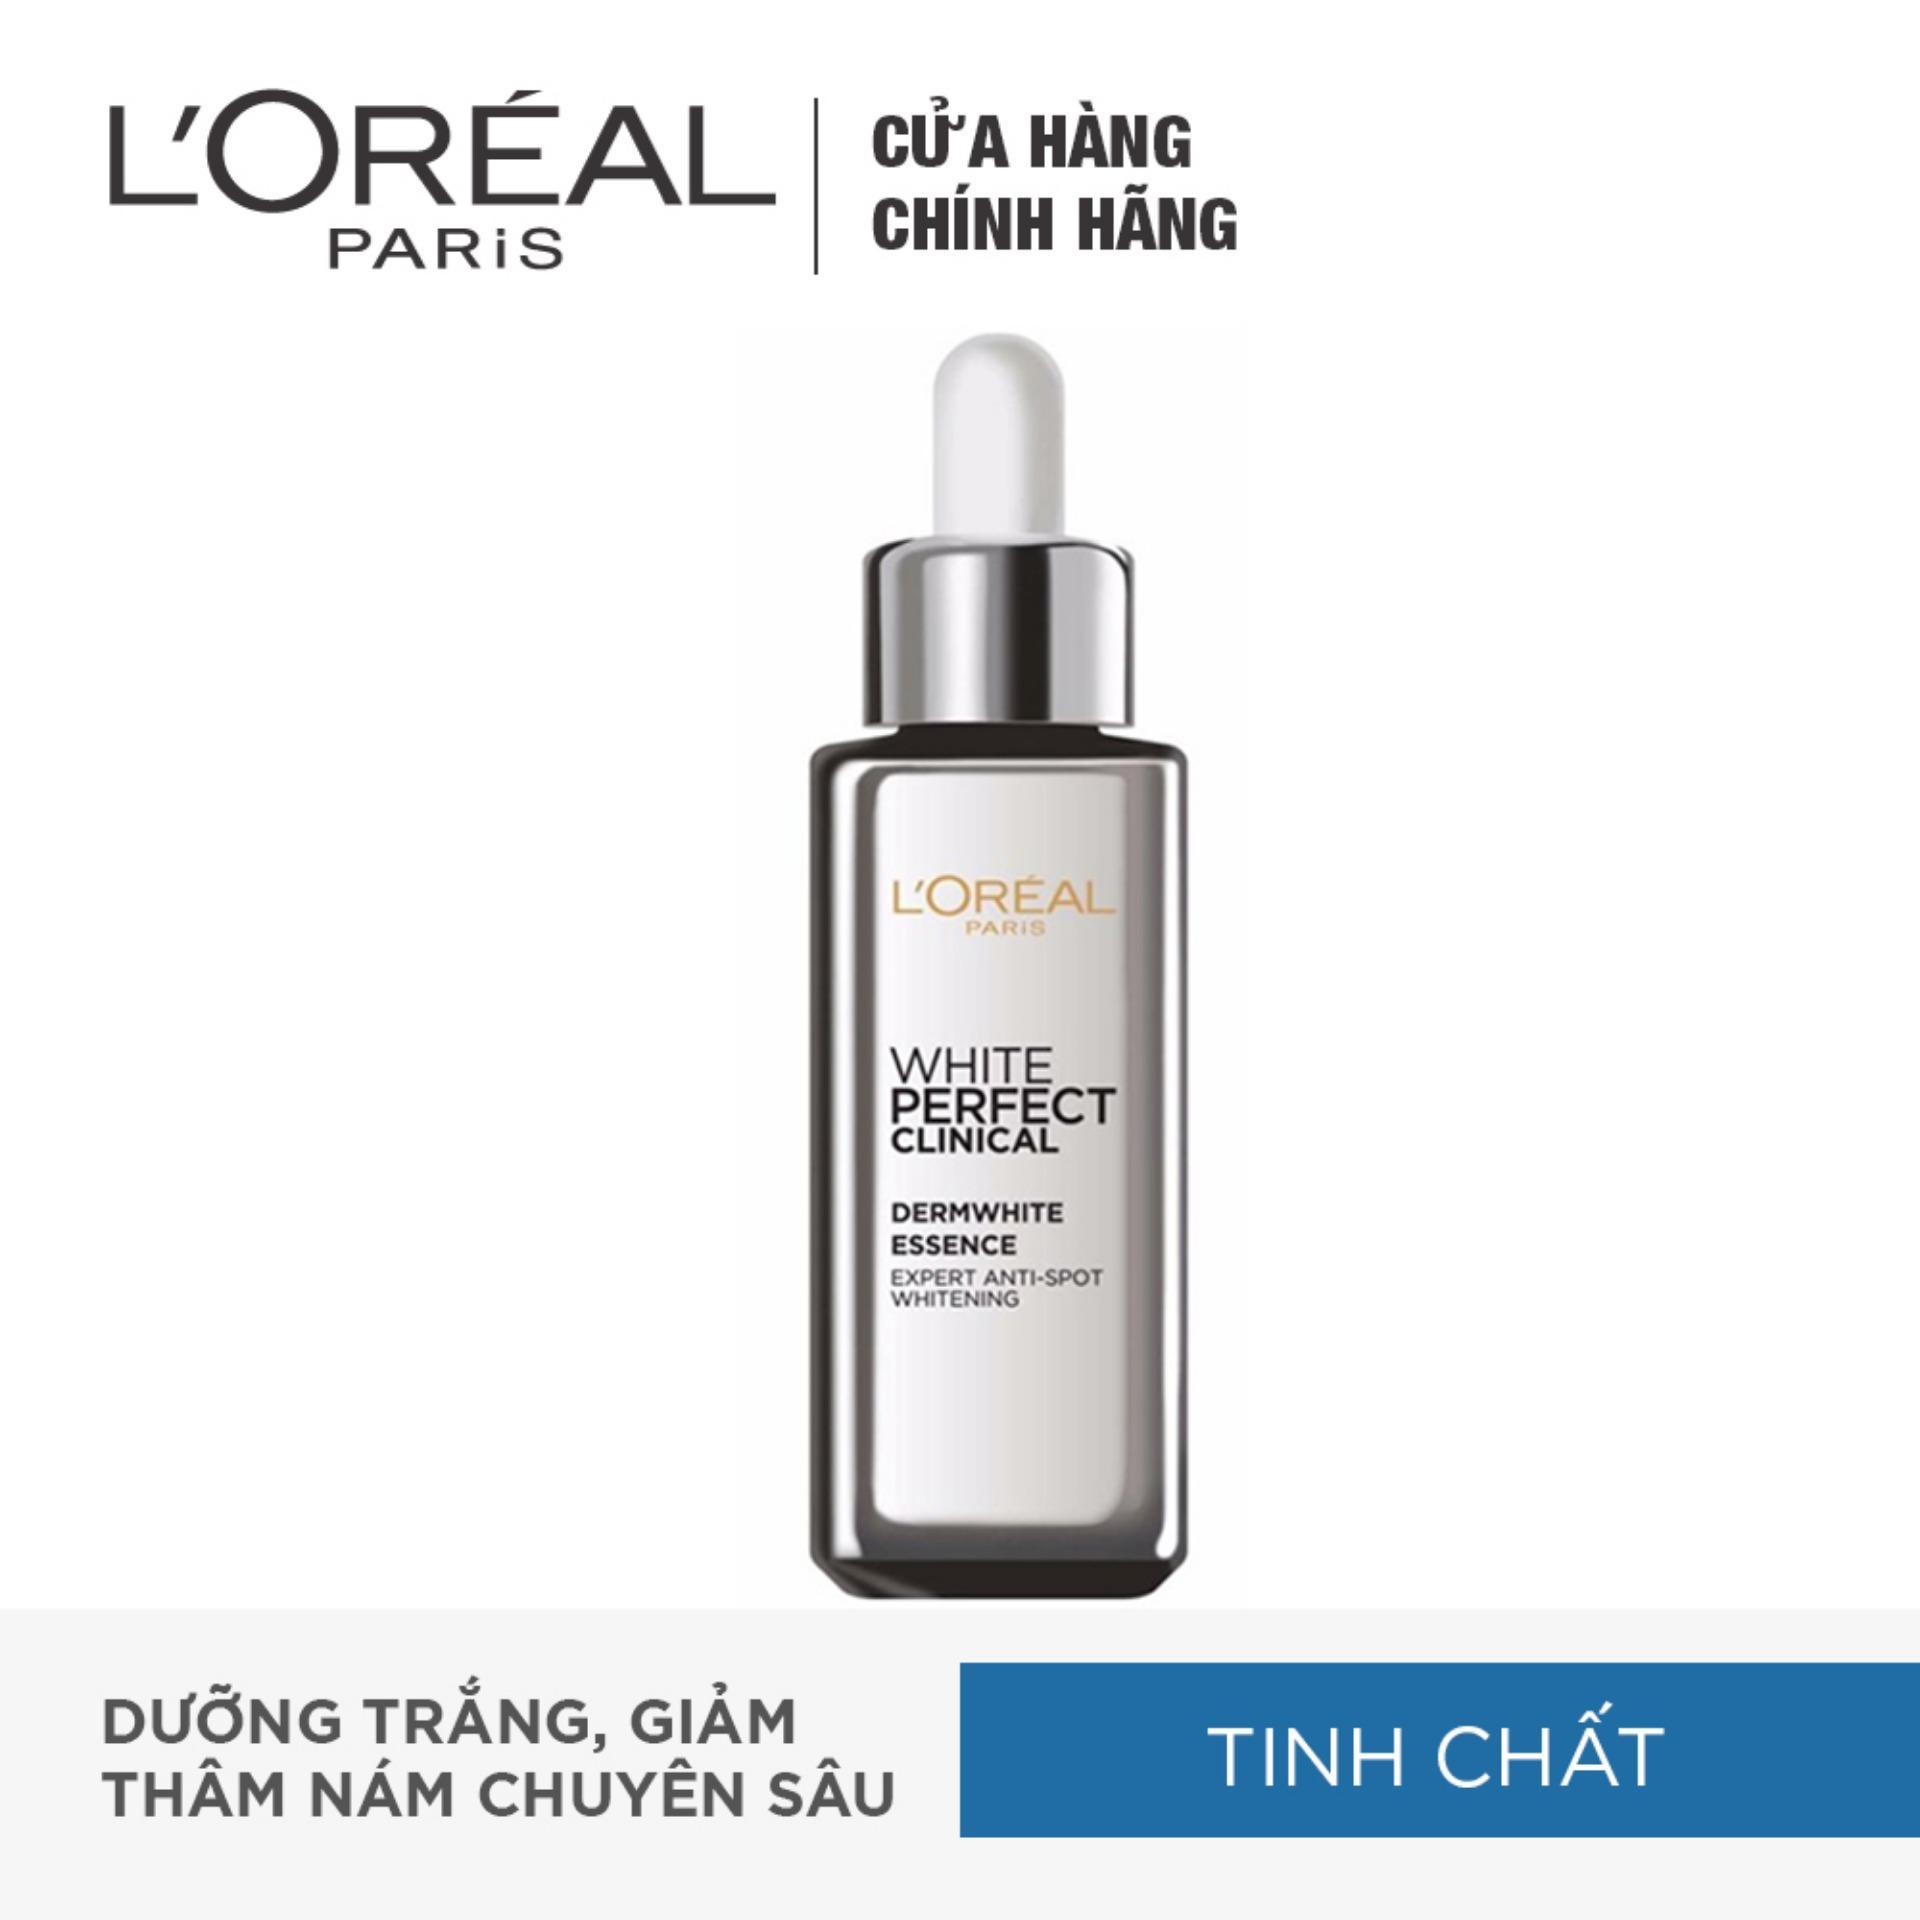 Tinh chất tăng cường dưỡng da trắng mịn và giảm thâm nám LOréal White Perfect Clinical 30ml